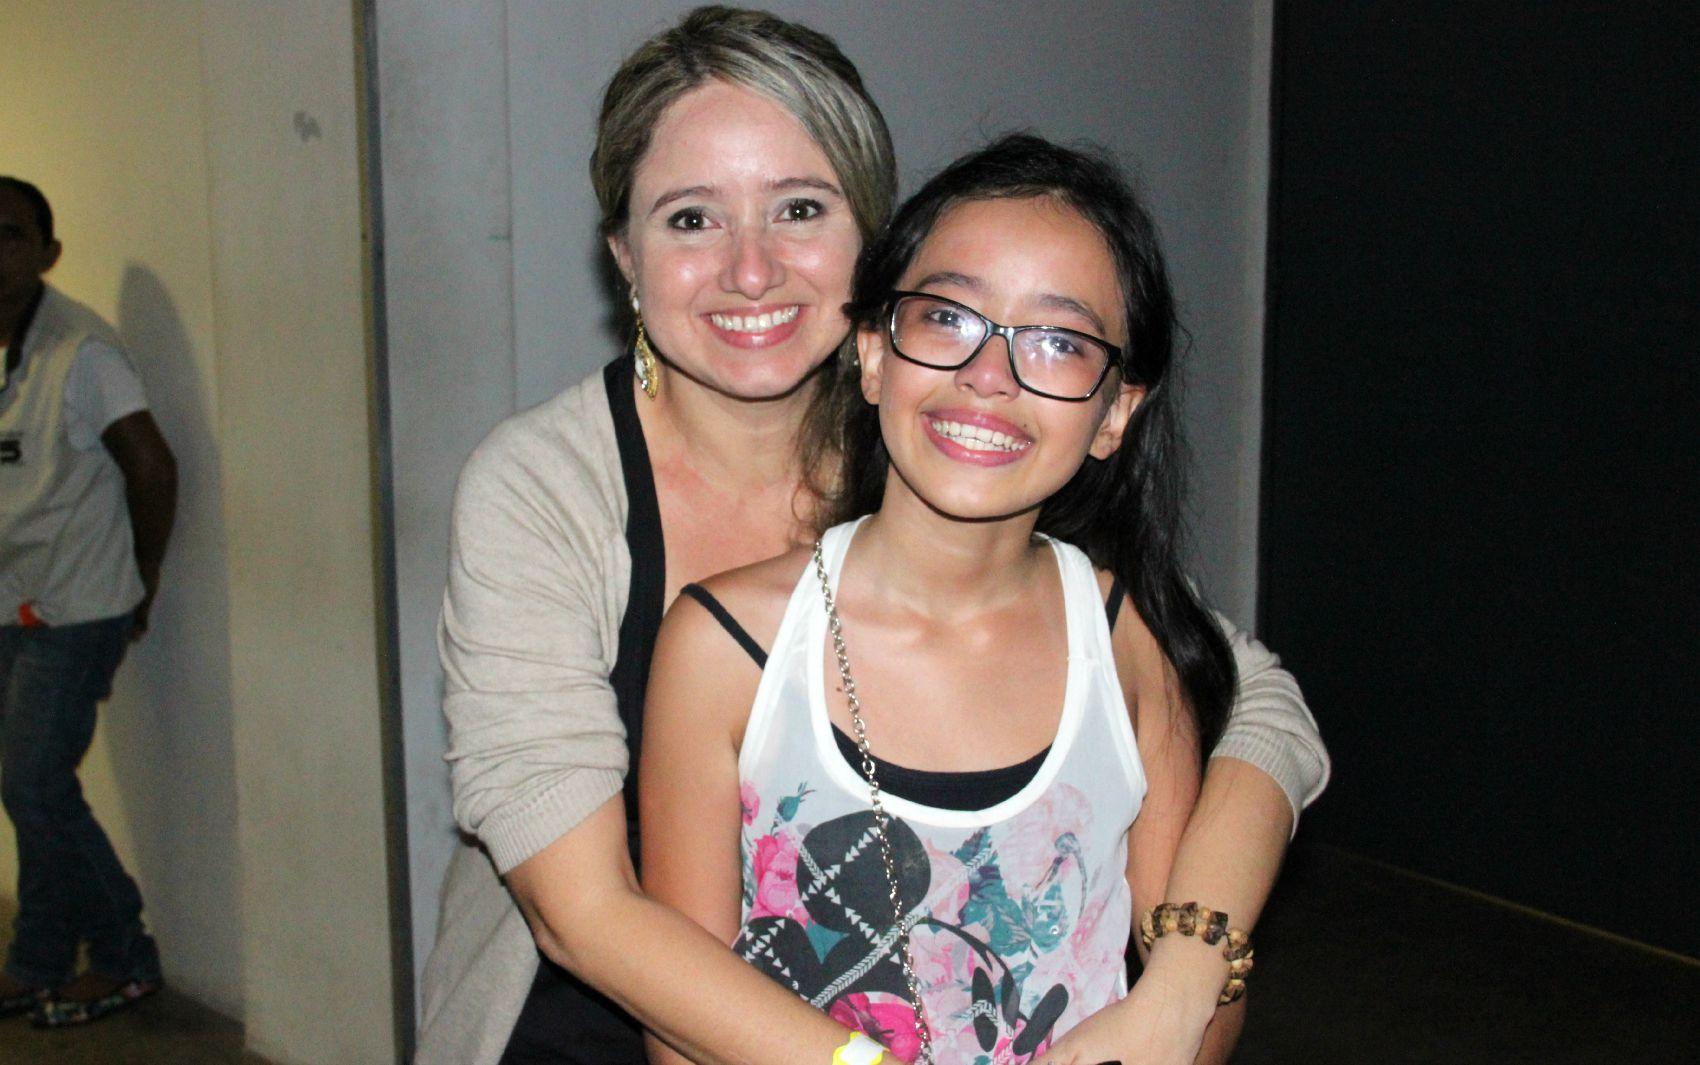 Ingra Dutra, de 10 anos, tentou conhecer ídolo por incentivo da mãe, a professora Ingrid Dutra